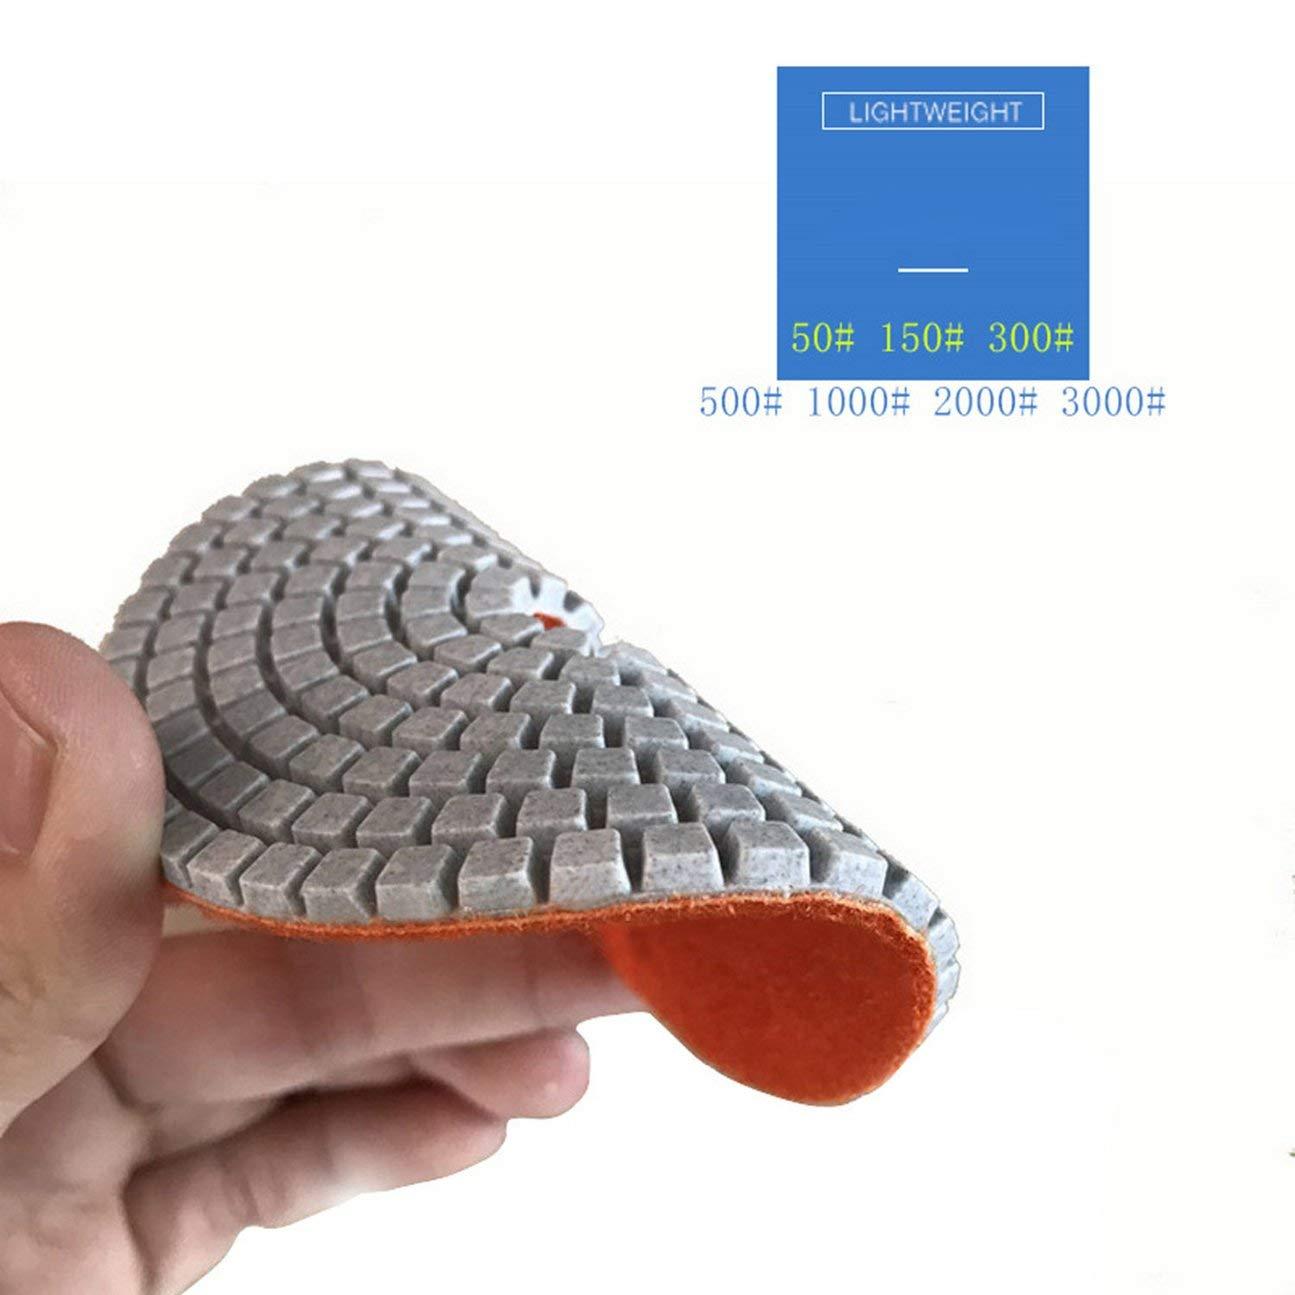 HIPENGYANBAIHU 10 piezas Kit de almohadillas de pulido de diamante 4 pulgadas 100 mm H/úmedo//seco para piedra de granito Hormig/ón M/ármol Pulido Uso Discos de molienda Set